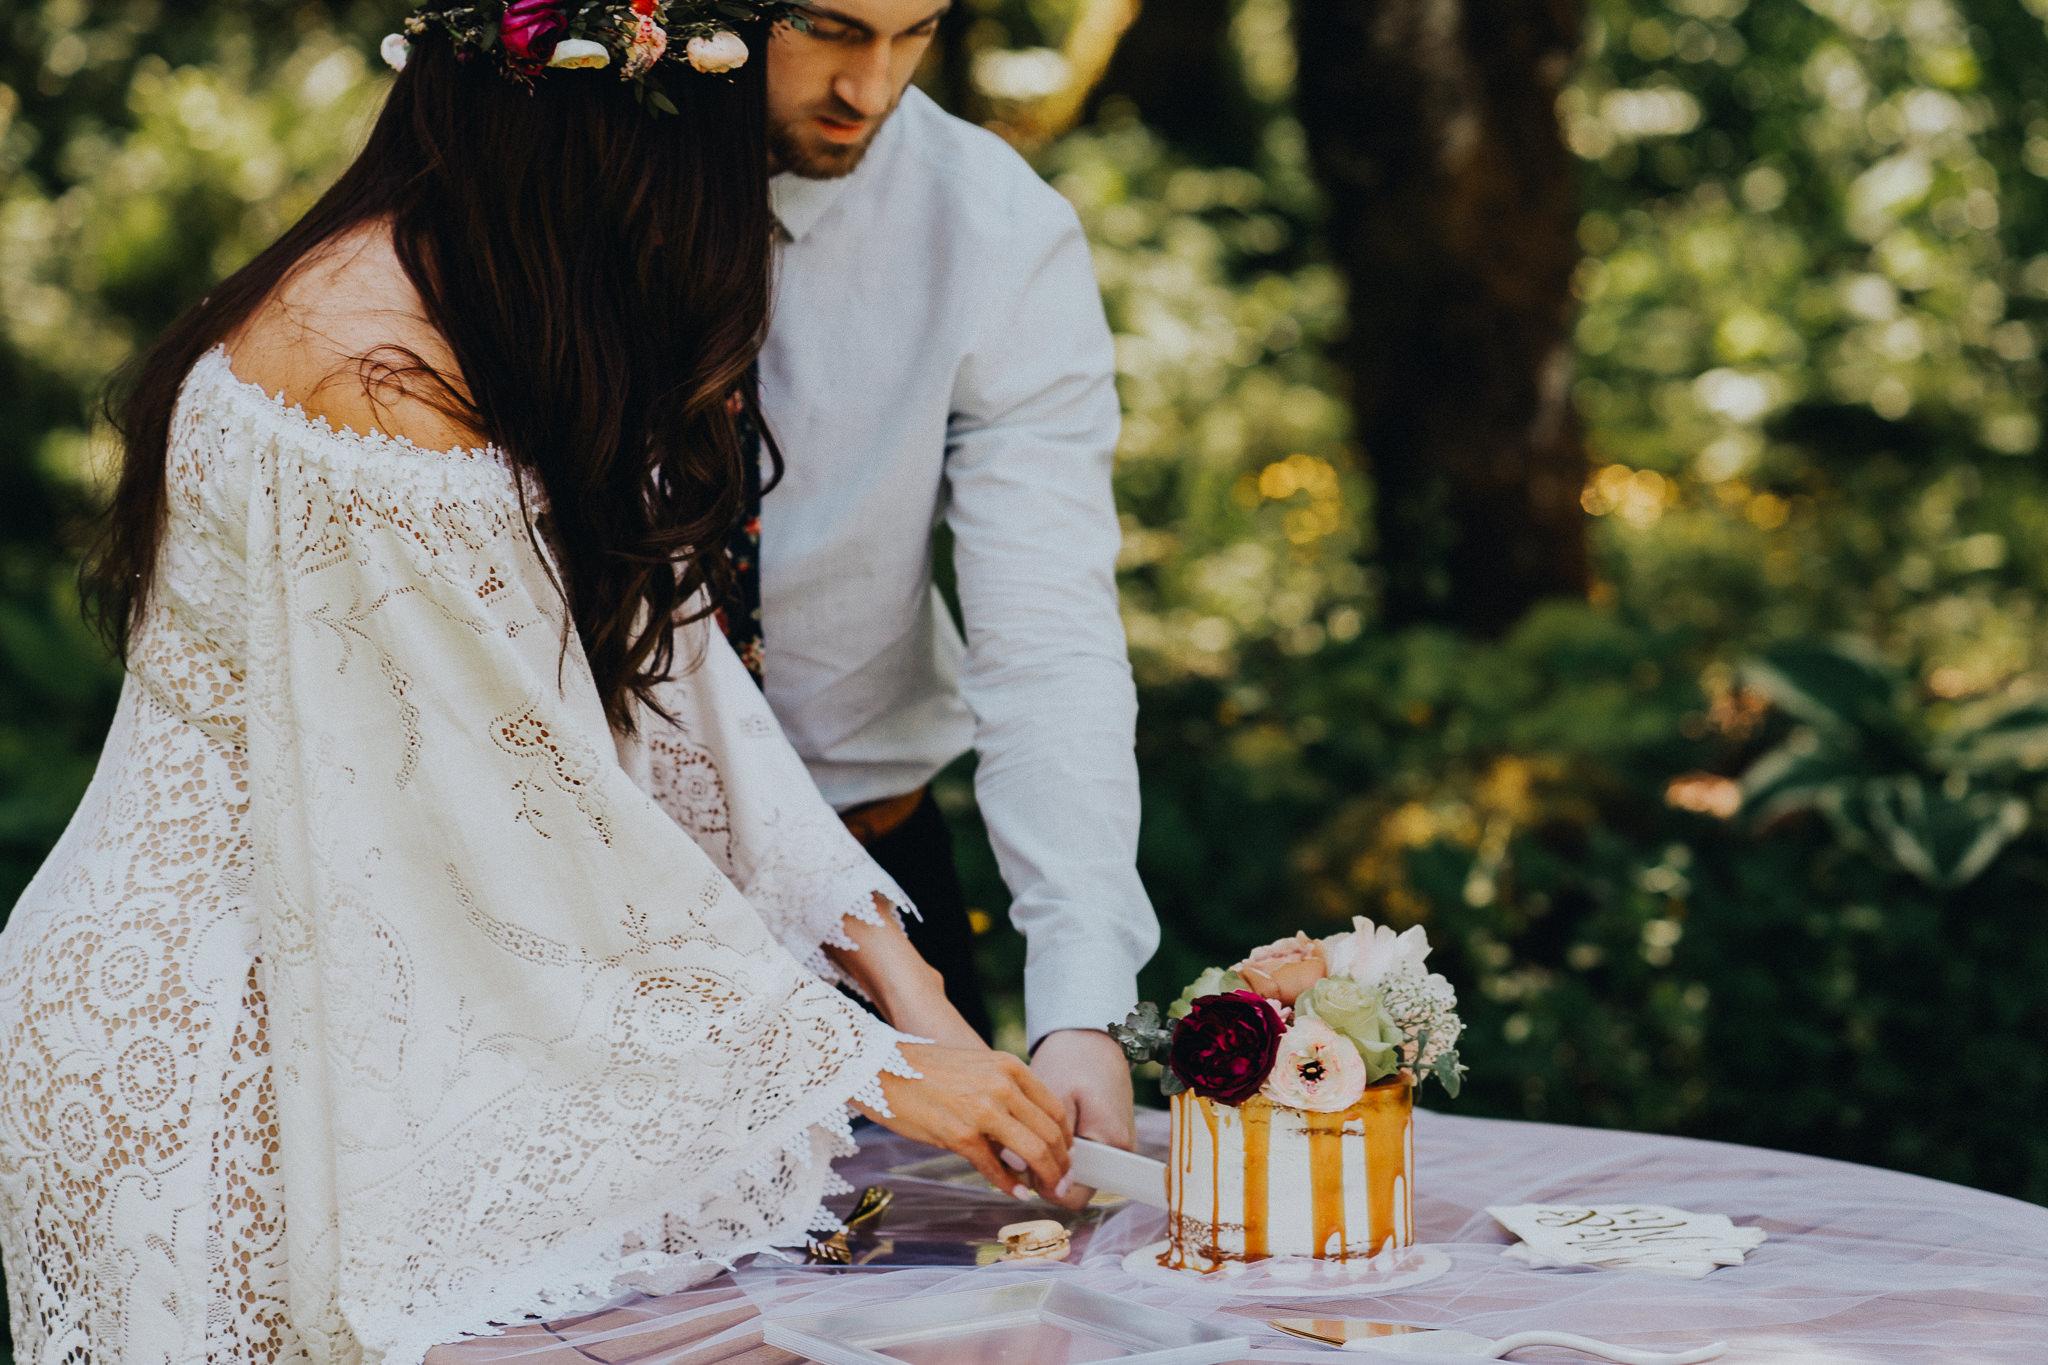 Cake-Cutting-Cut-Wedding-Elopement-Photographer